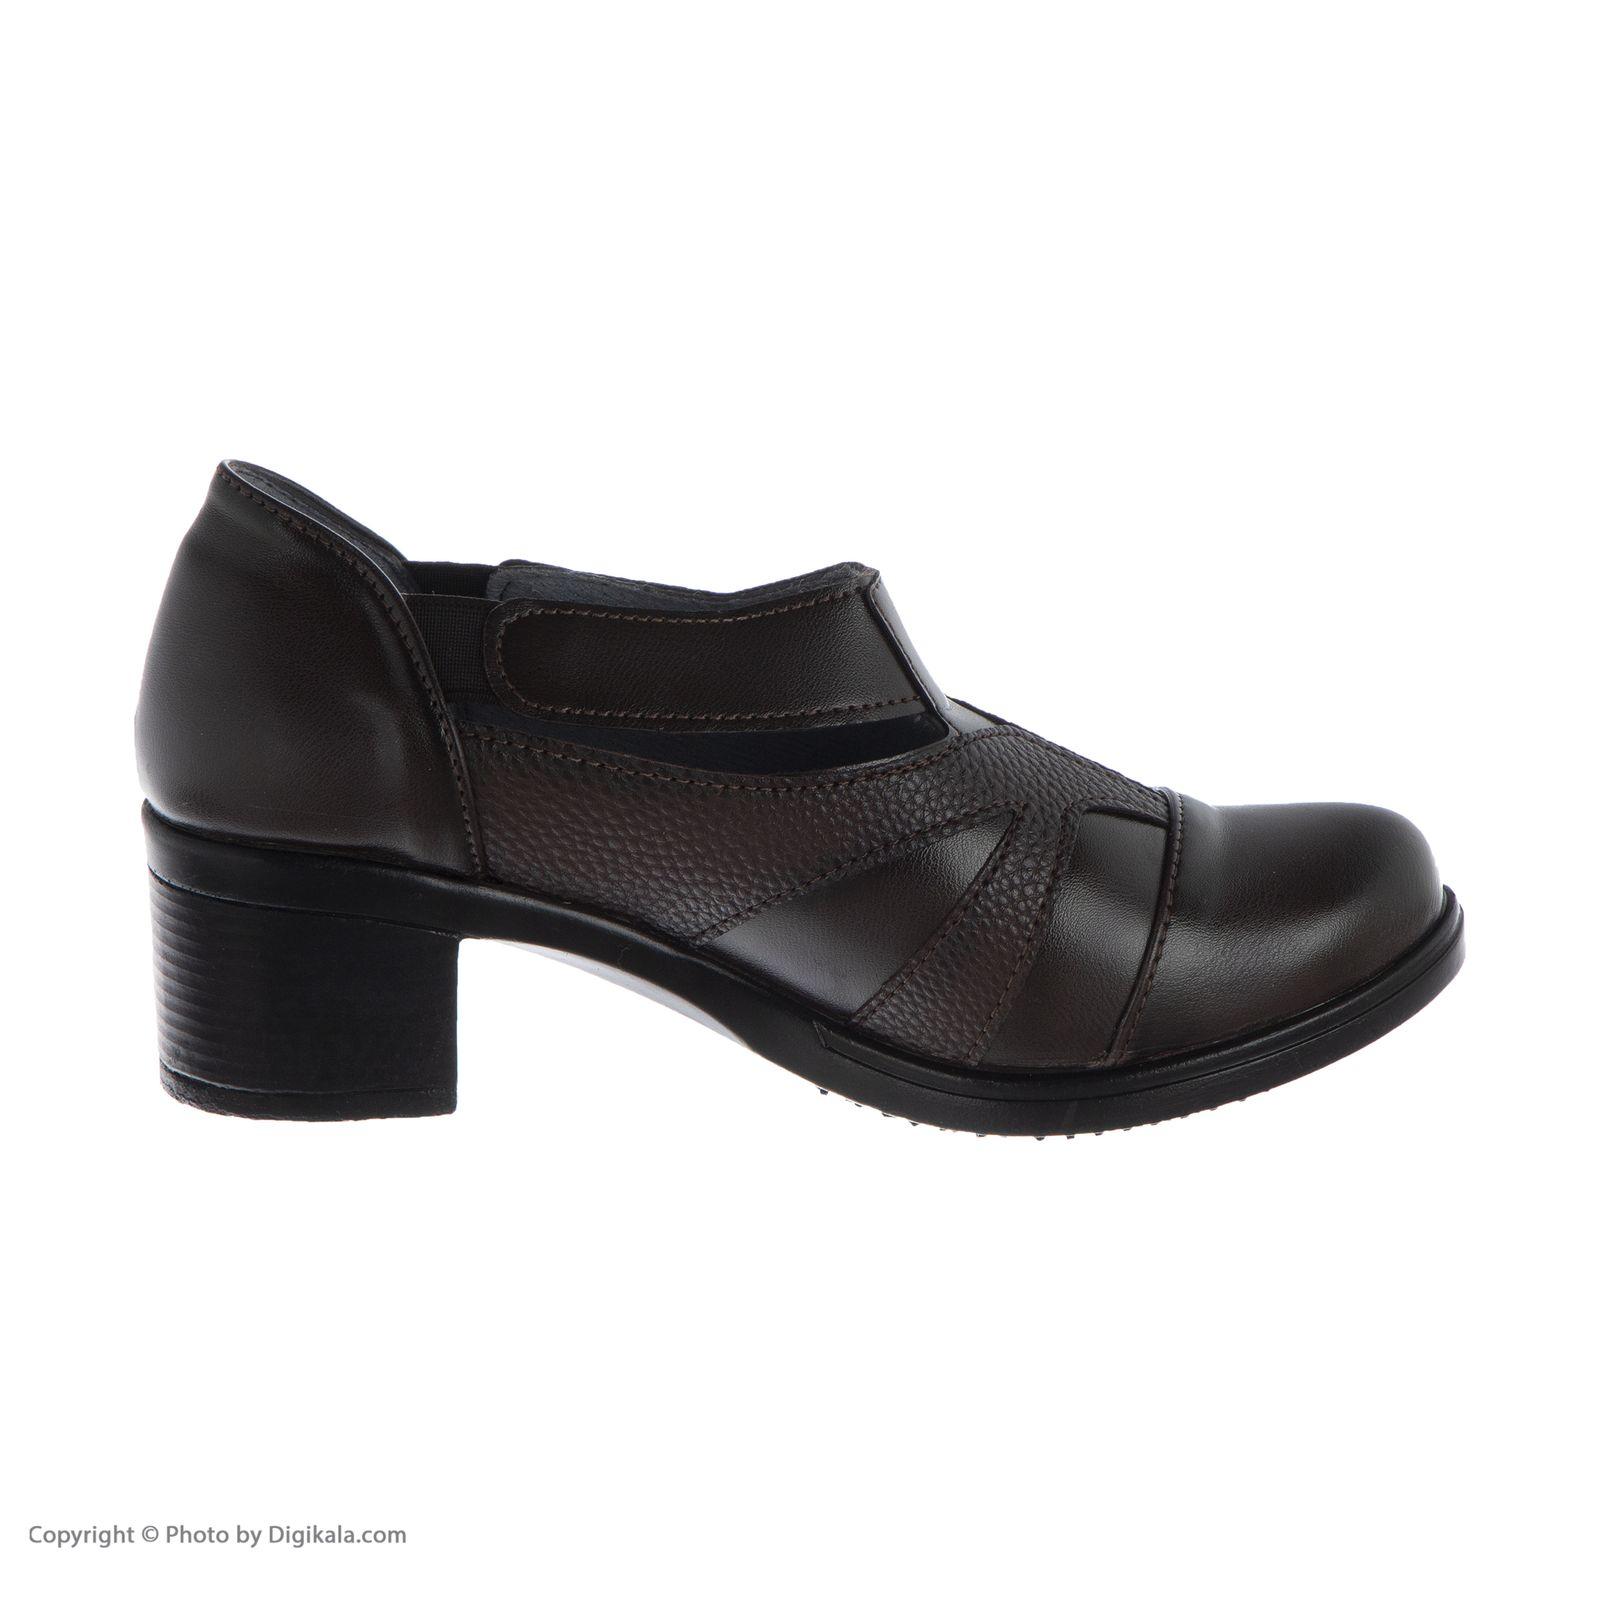 کفش زنانه طبی سینا مدل رها  کد 2 رنگ قهوه ای main 1 3